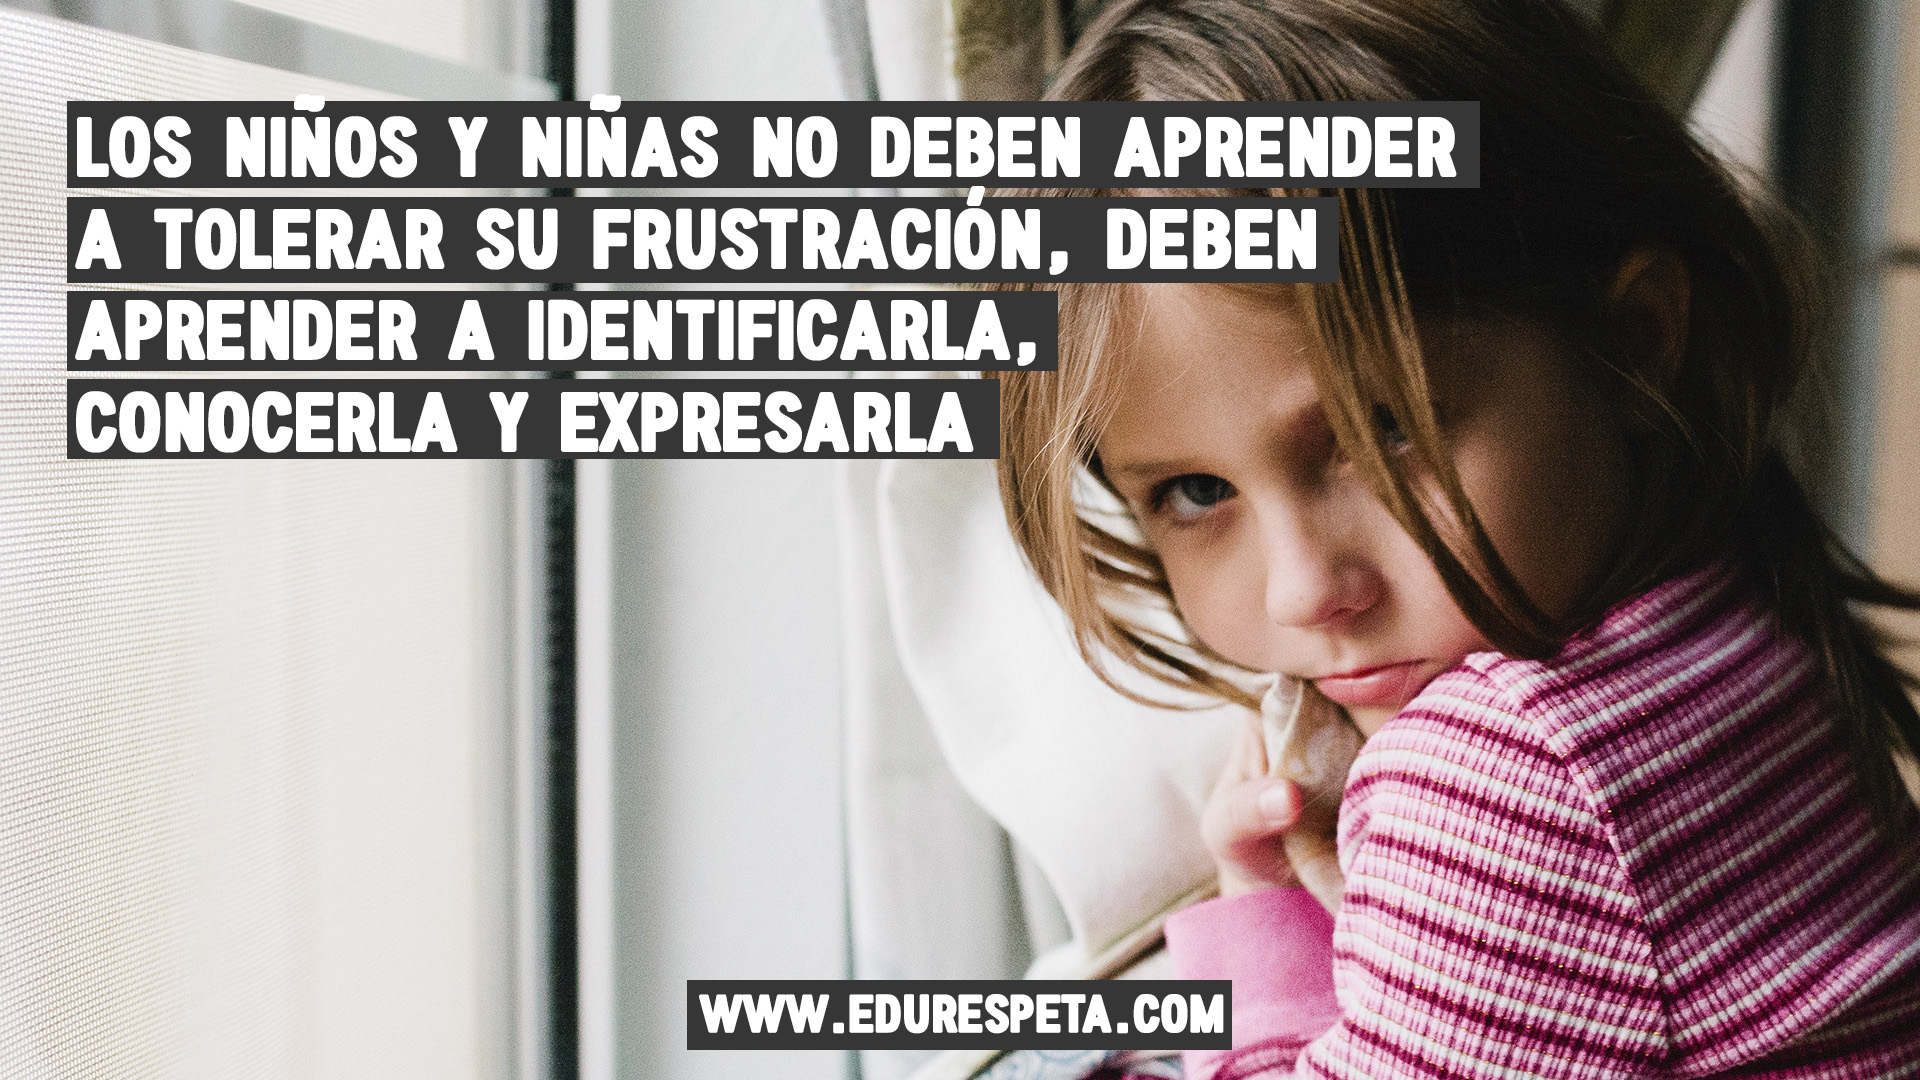 Los niños y las niñas no deben aprender a tolerar su frustración, deben aprender a identificarla